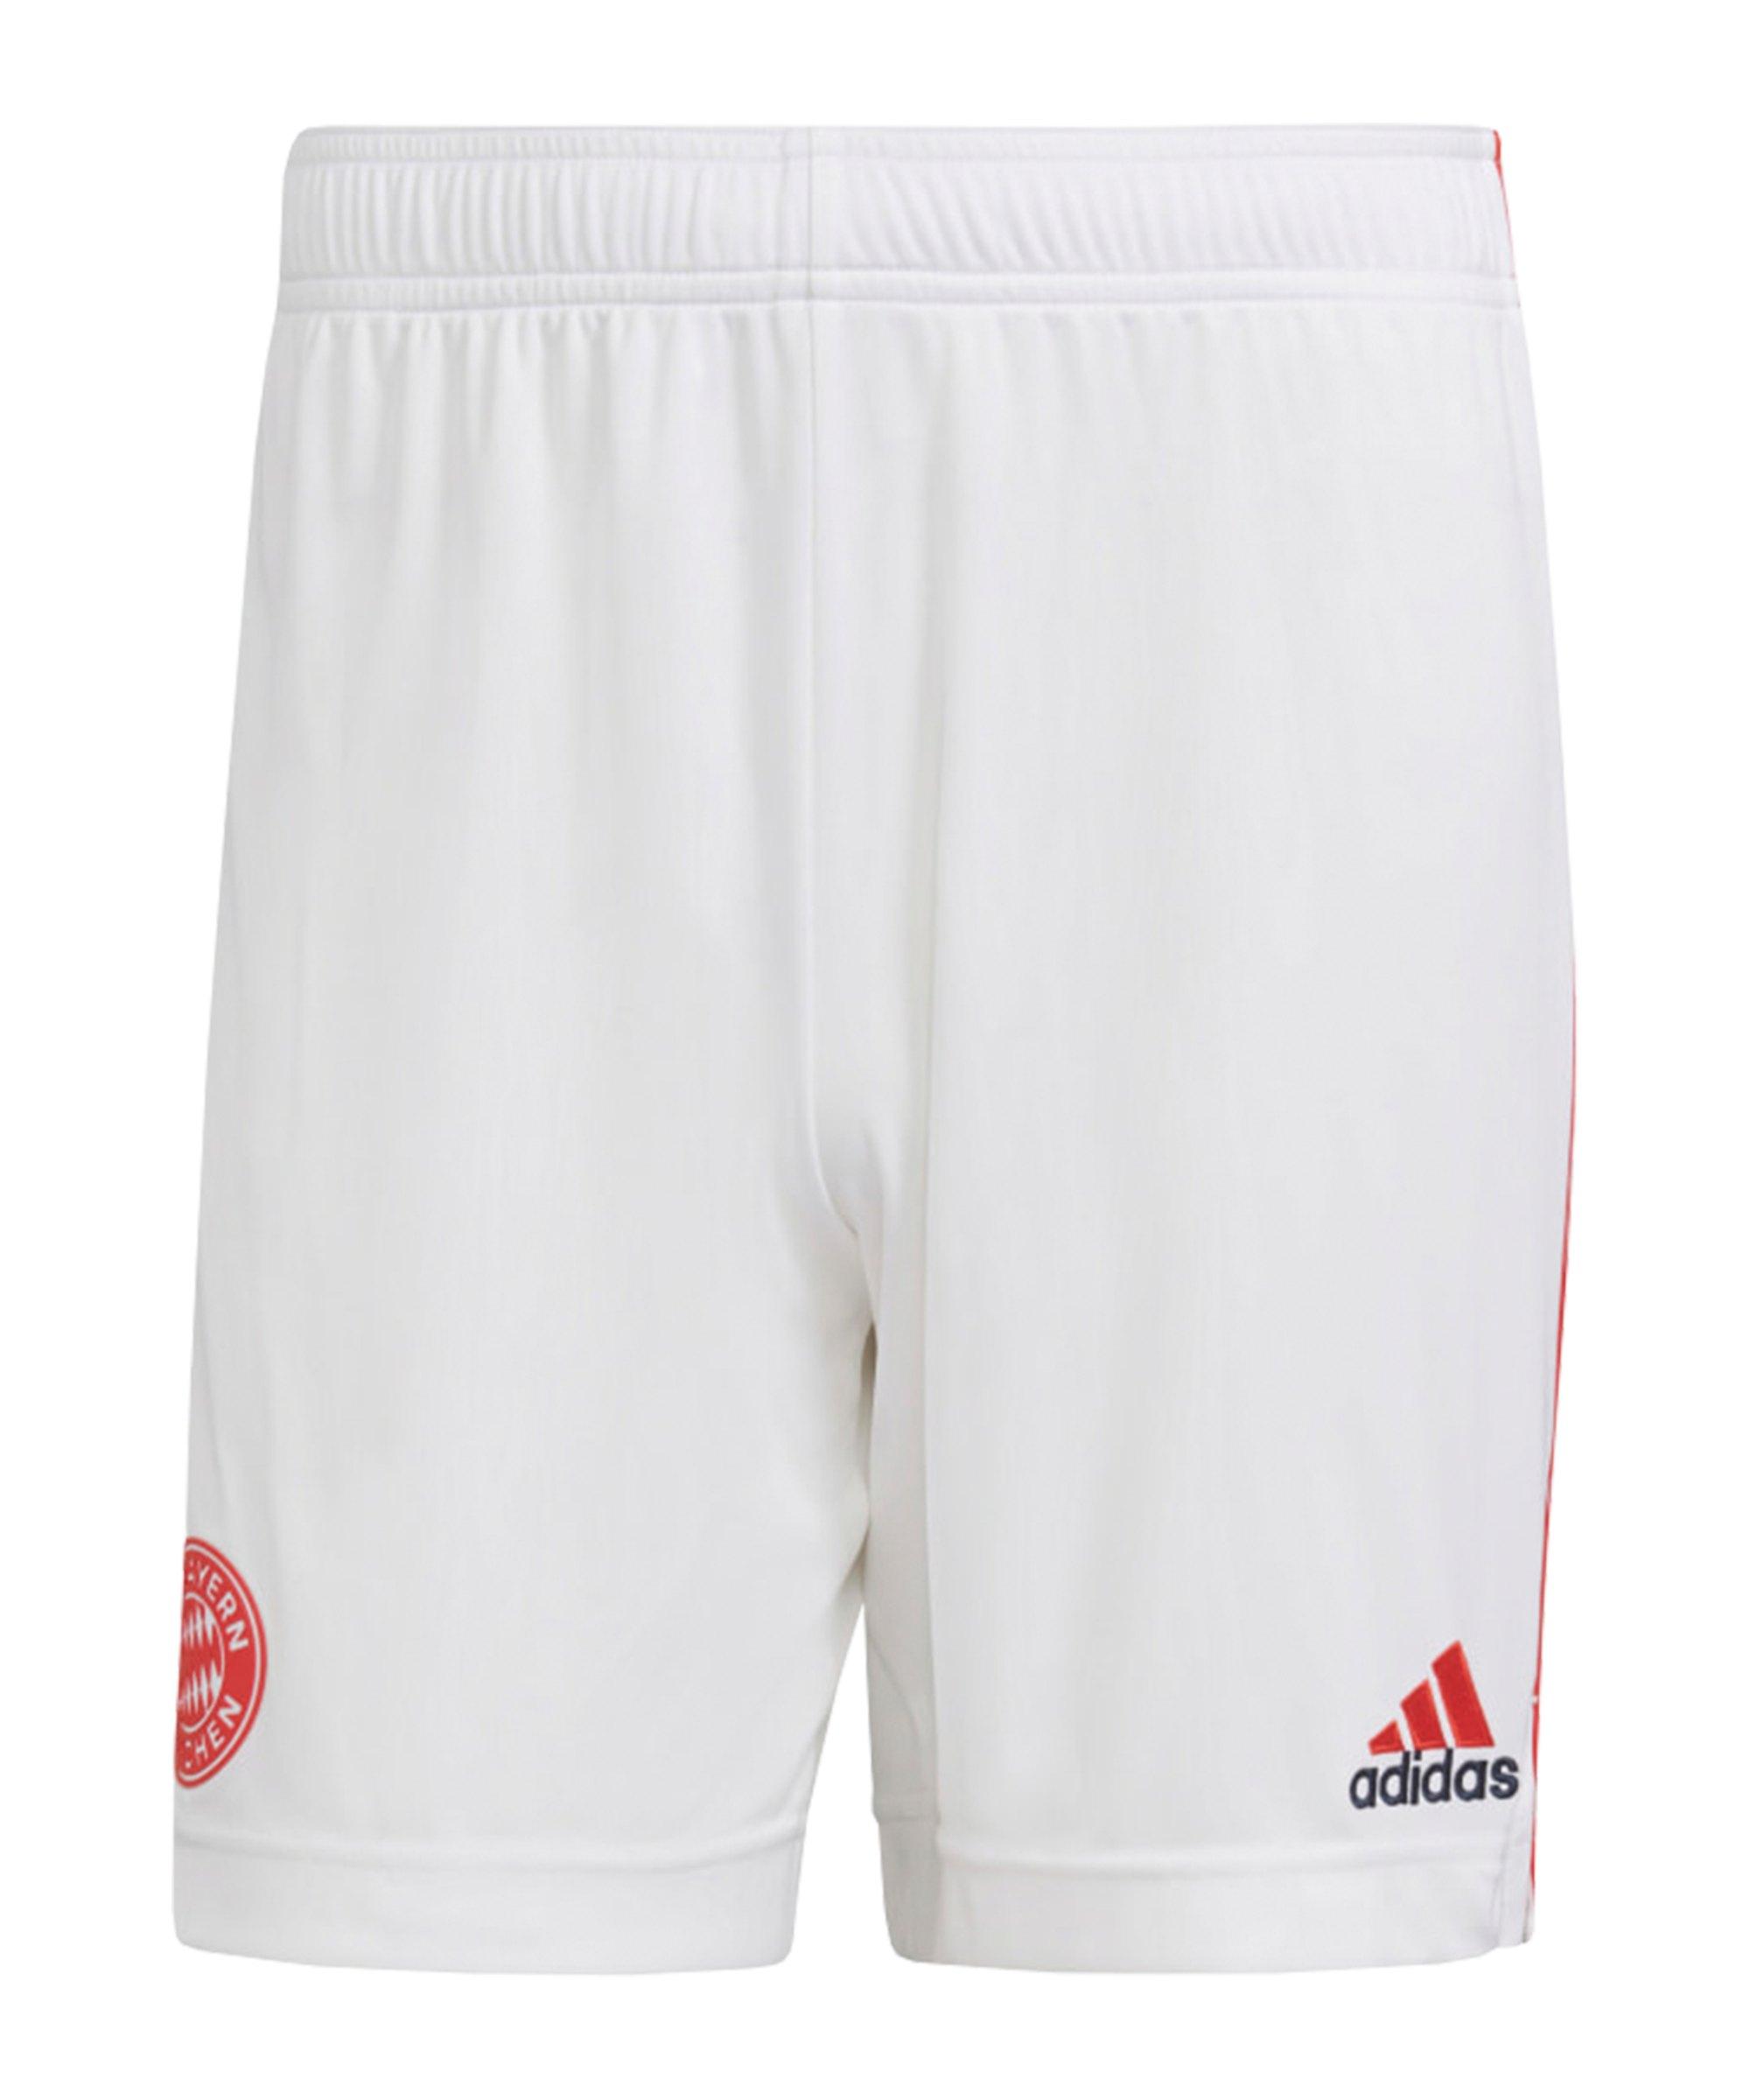 adidas FC Bayern München Short UCL 2021/2022 Weiss - weiss